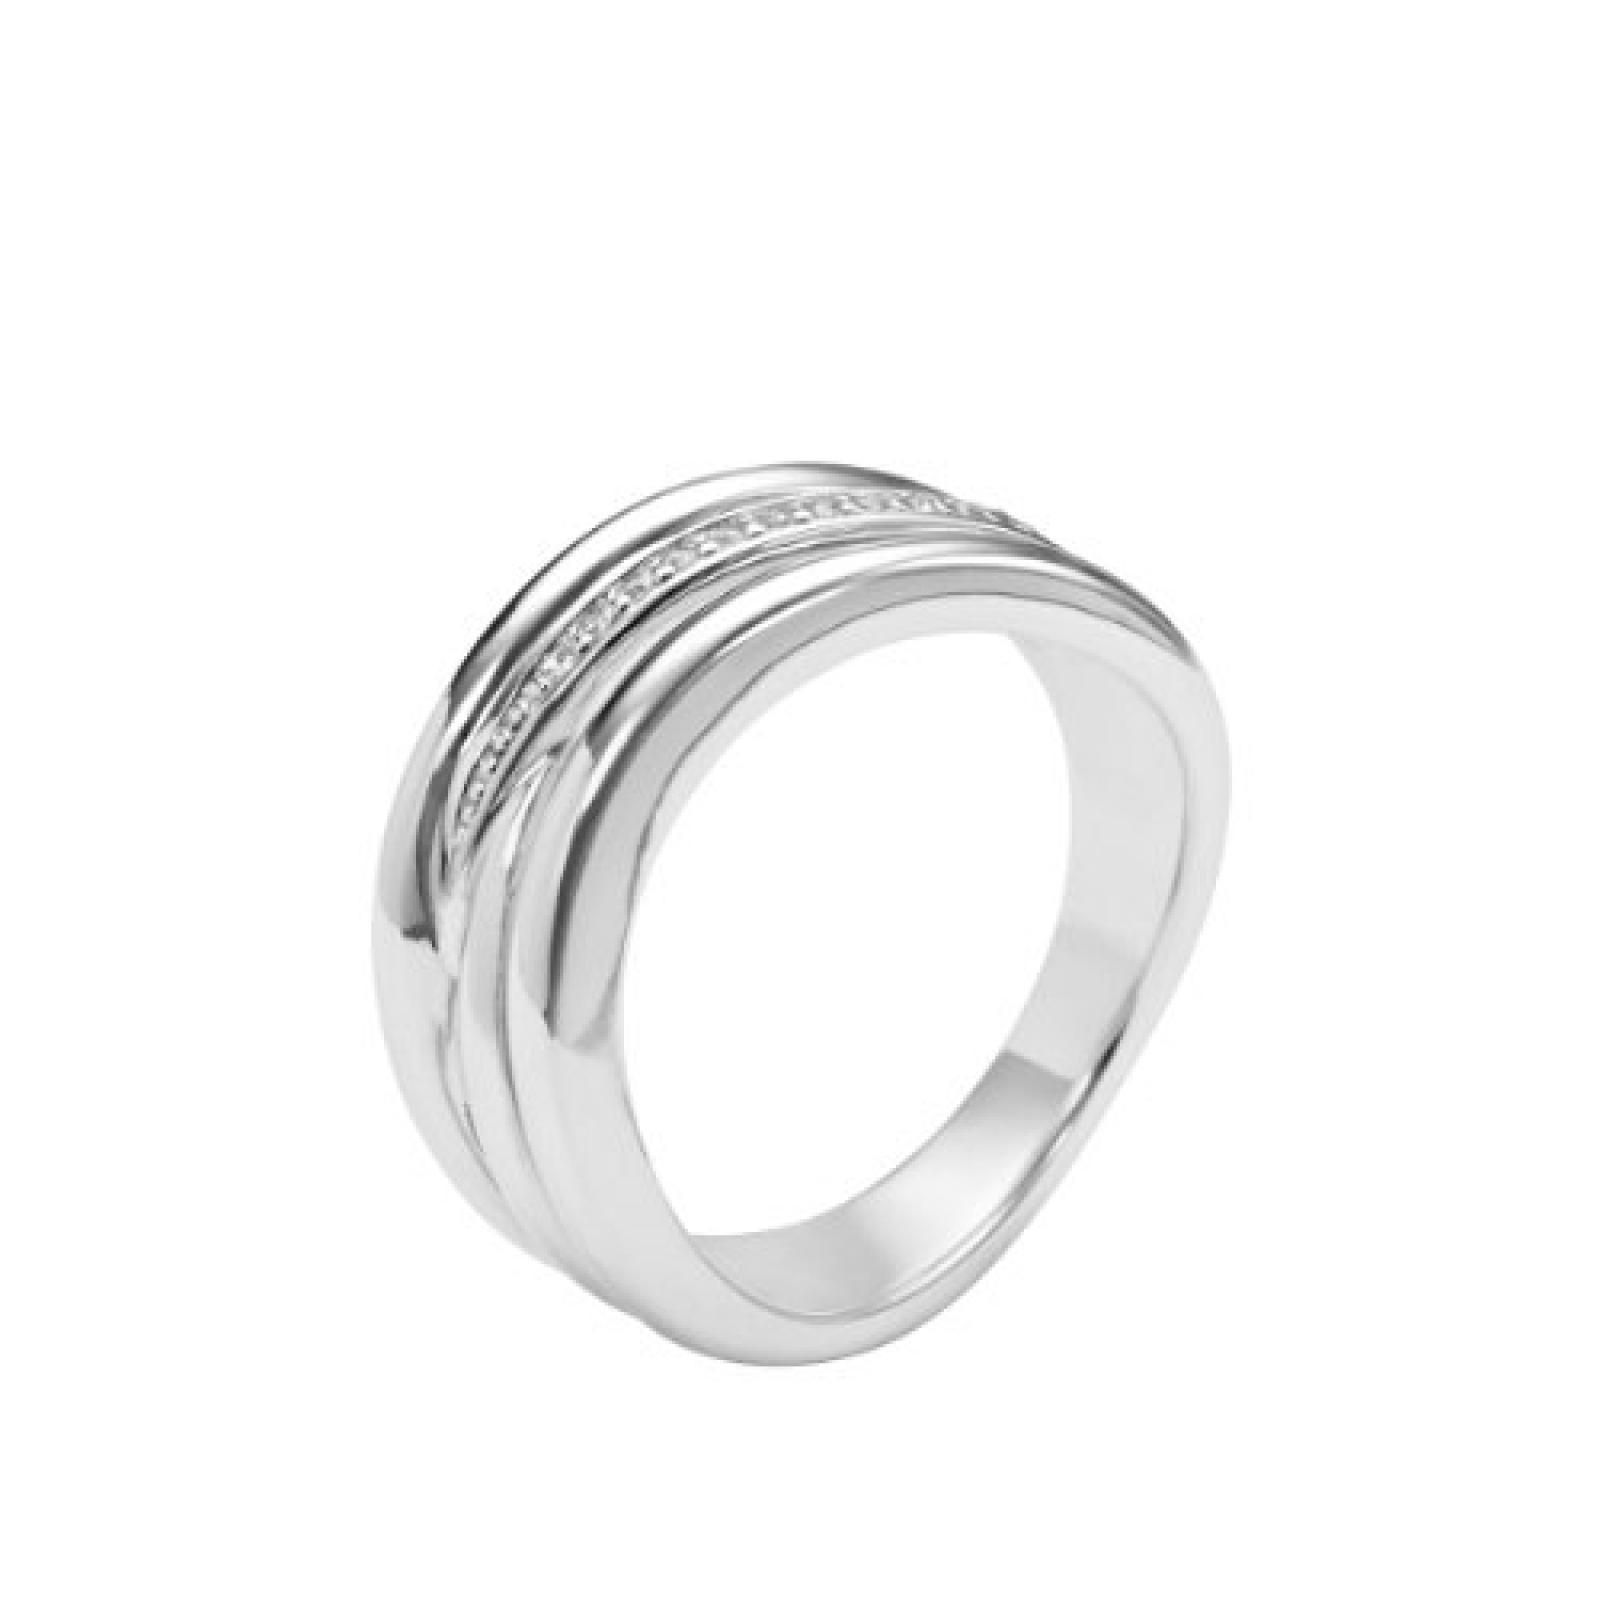 Fossil Damen-Ring 925 Sterling Silber Zirkonia weiß JFS00088040